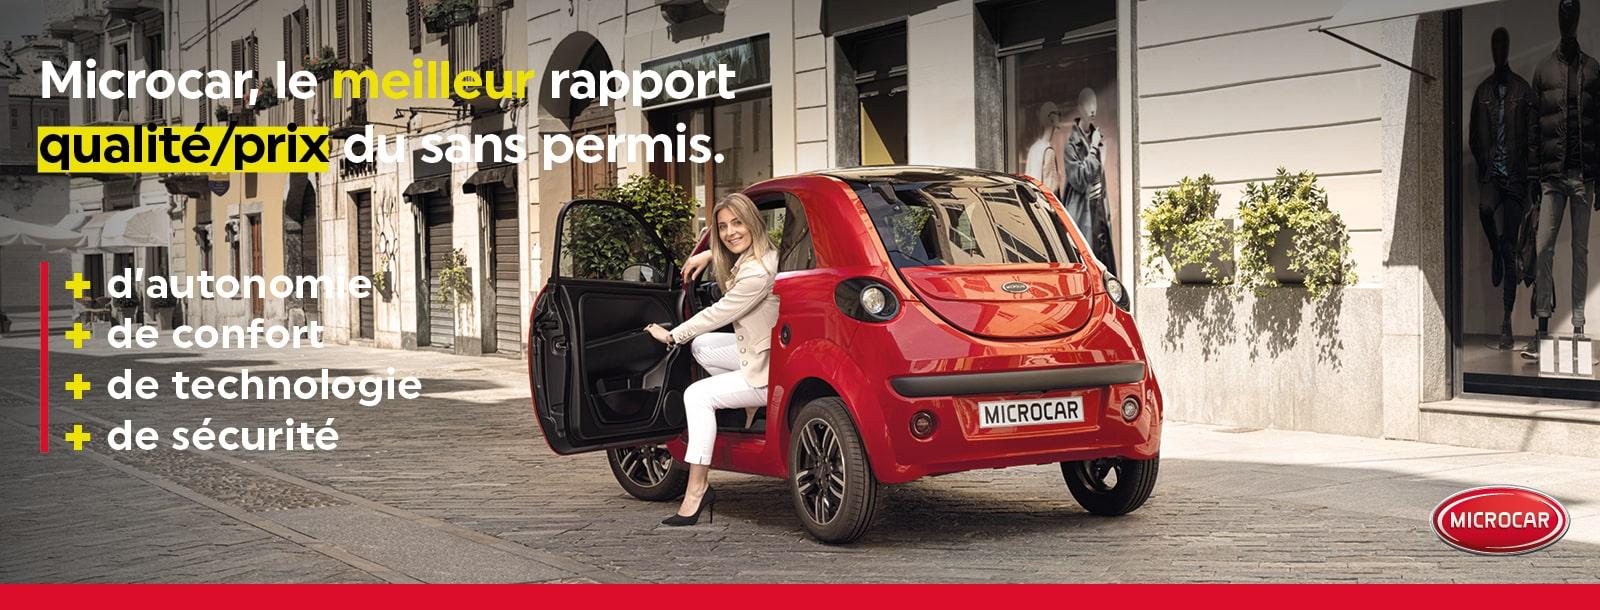 Microcar - Meilleur rapport qualité prix du sans permis